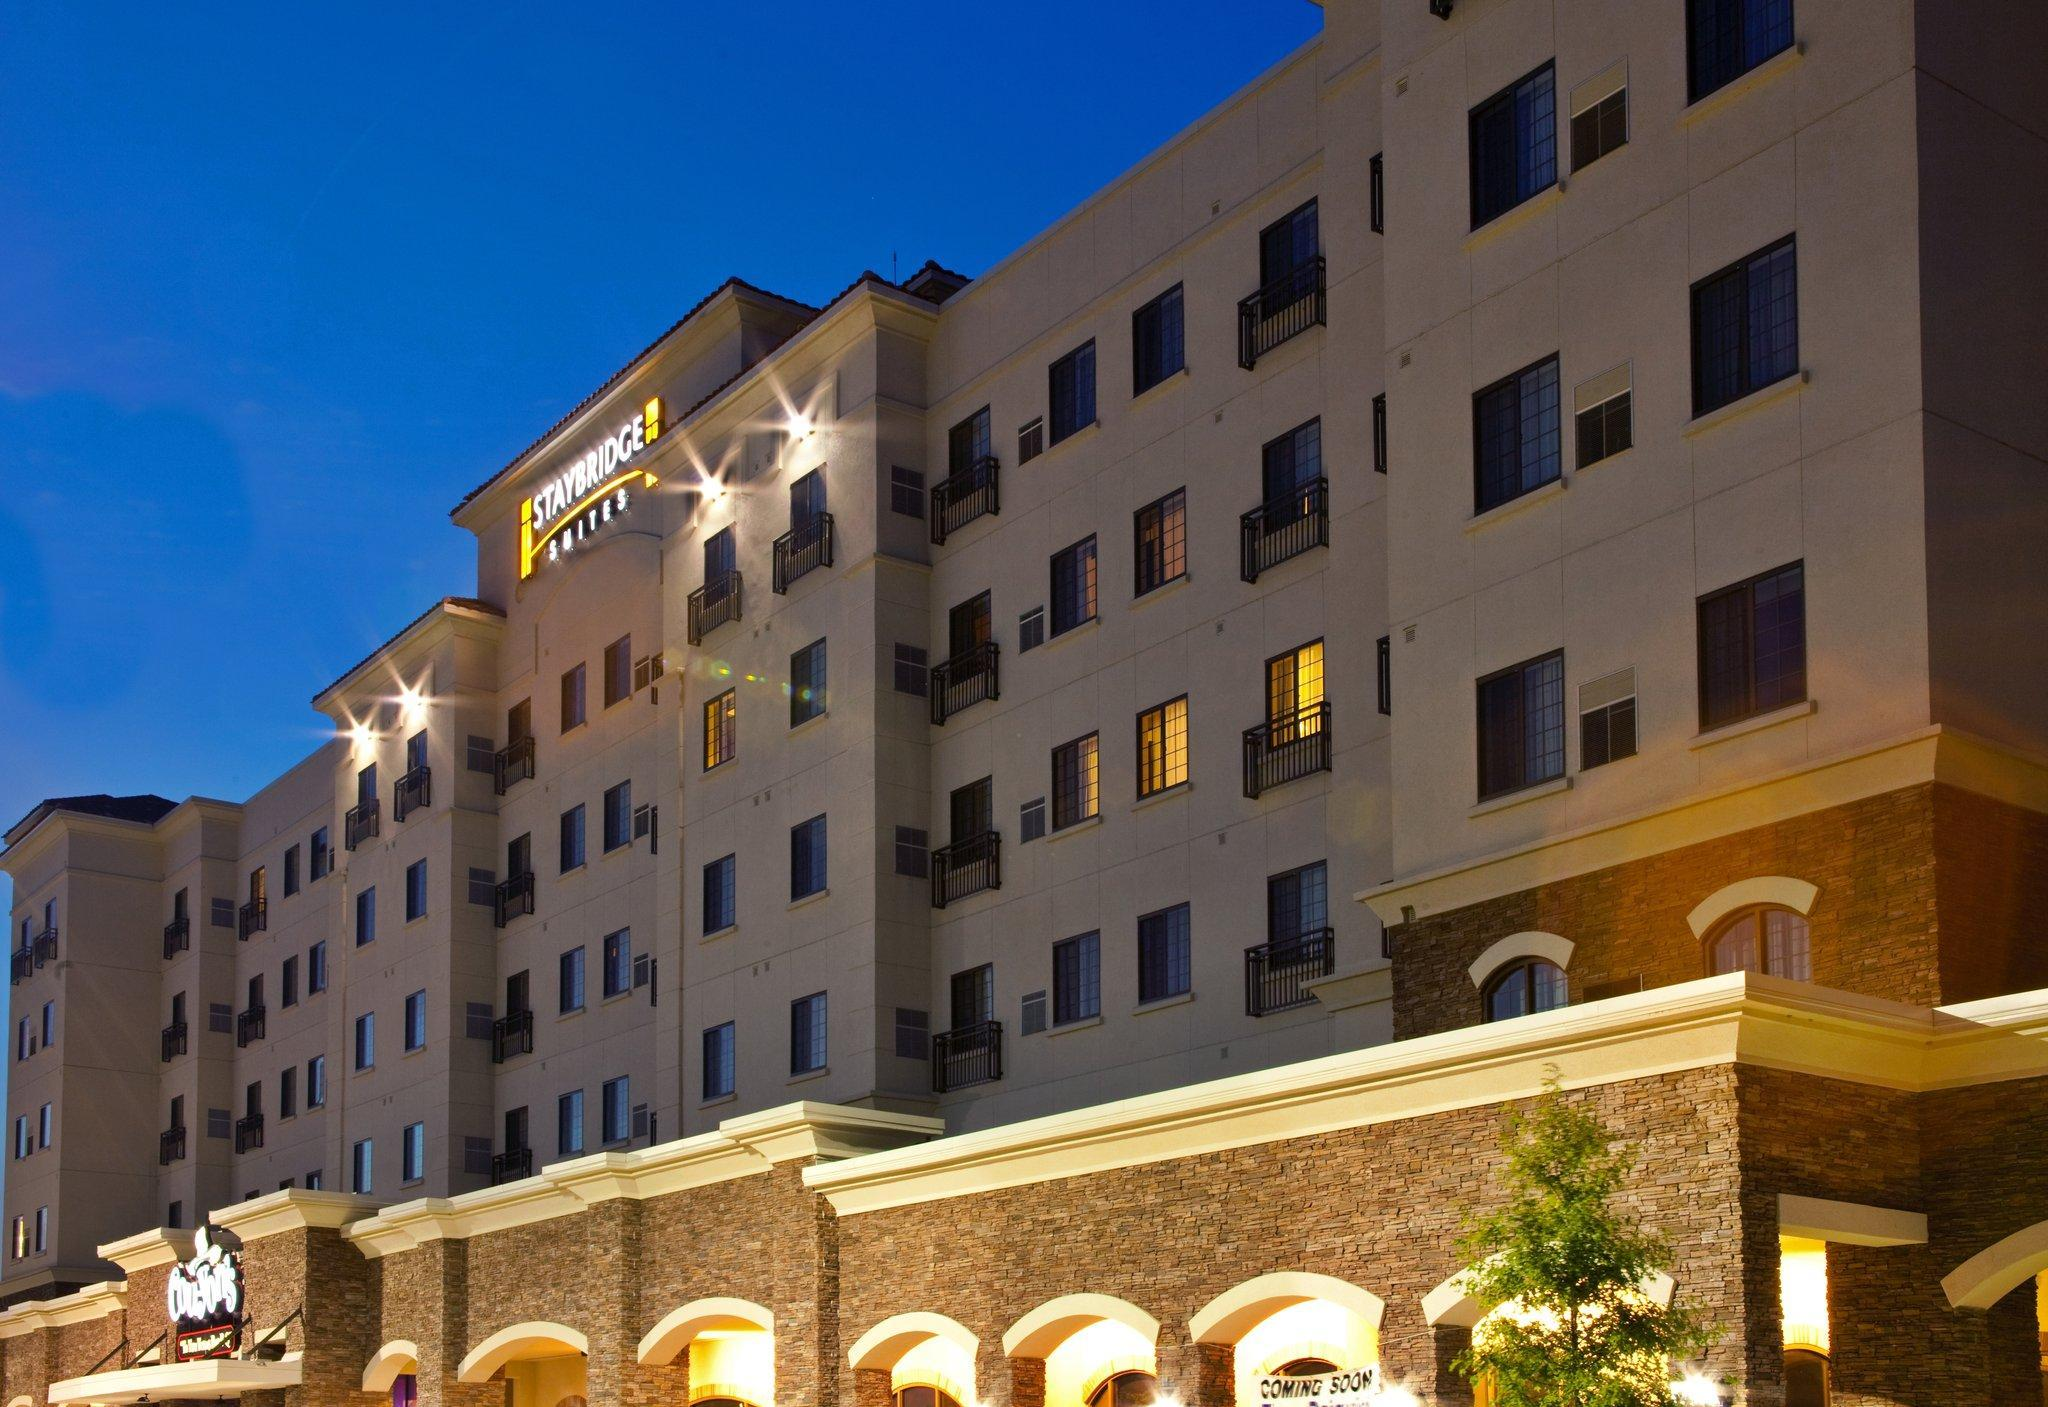 Staybridge Suites Baton Rouge University At Southgate